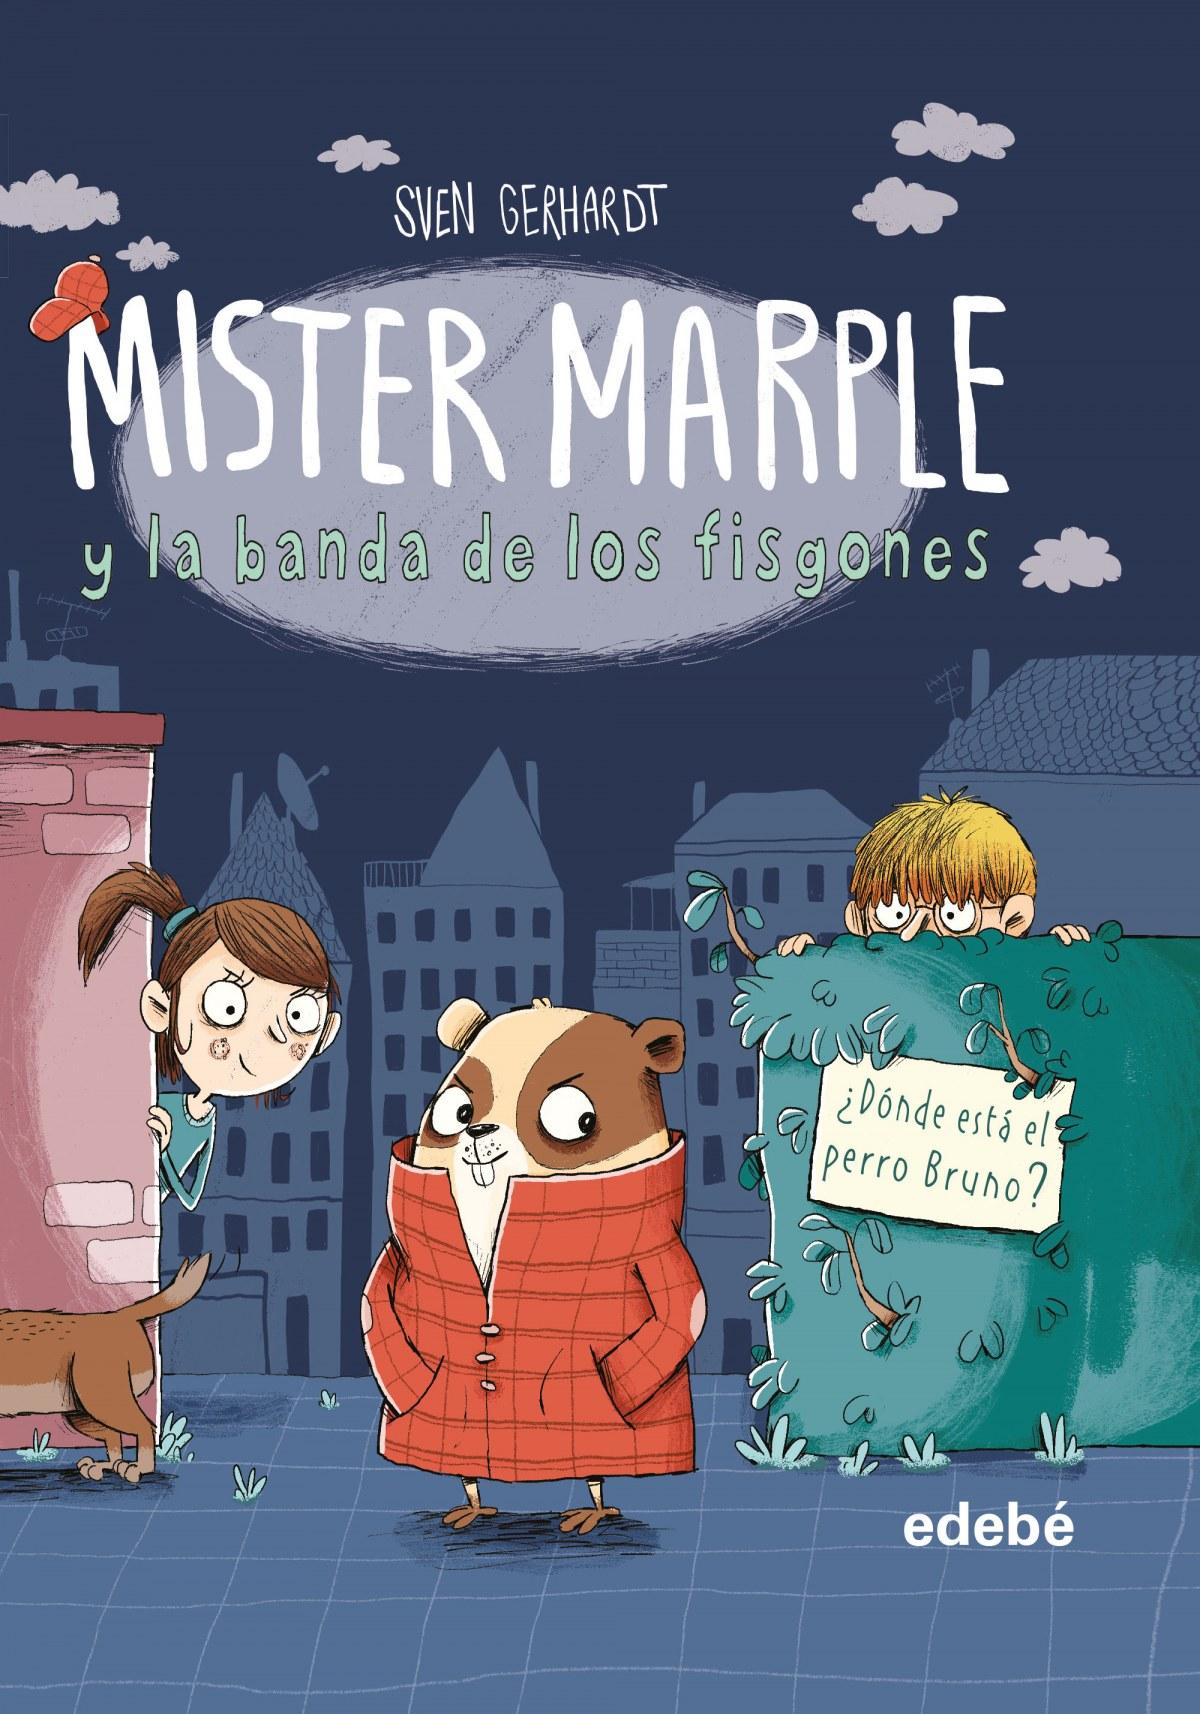 Mister Marple y la banda de los fisgones 1: ¿DÓNDE ESTÁ EL PERRO BRUNO? - Gerhardt, Sven